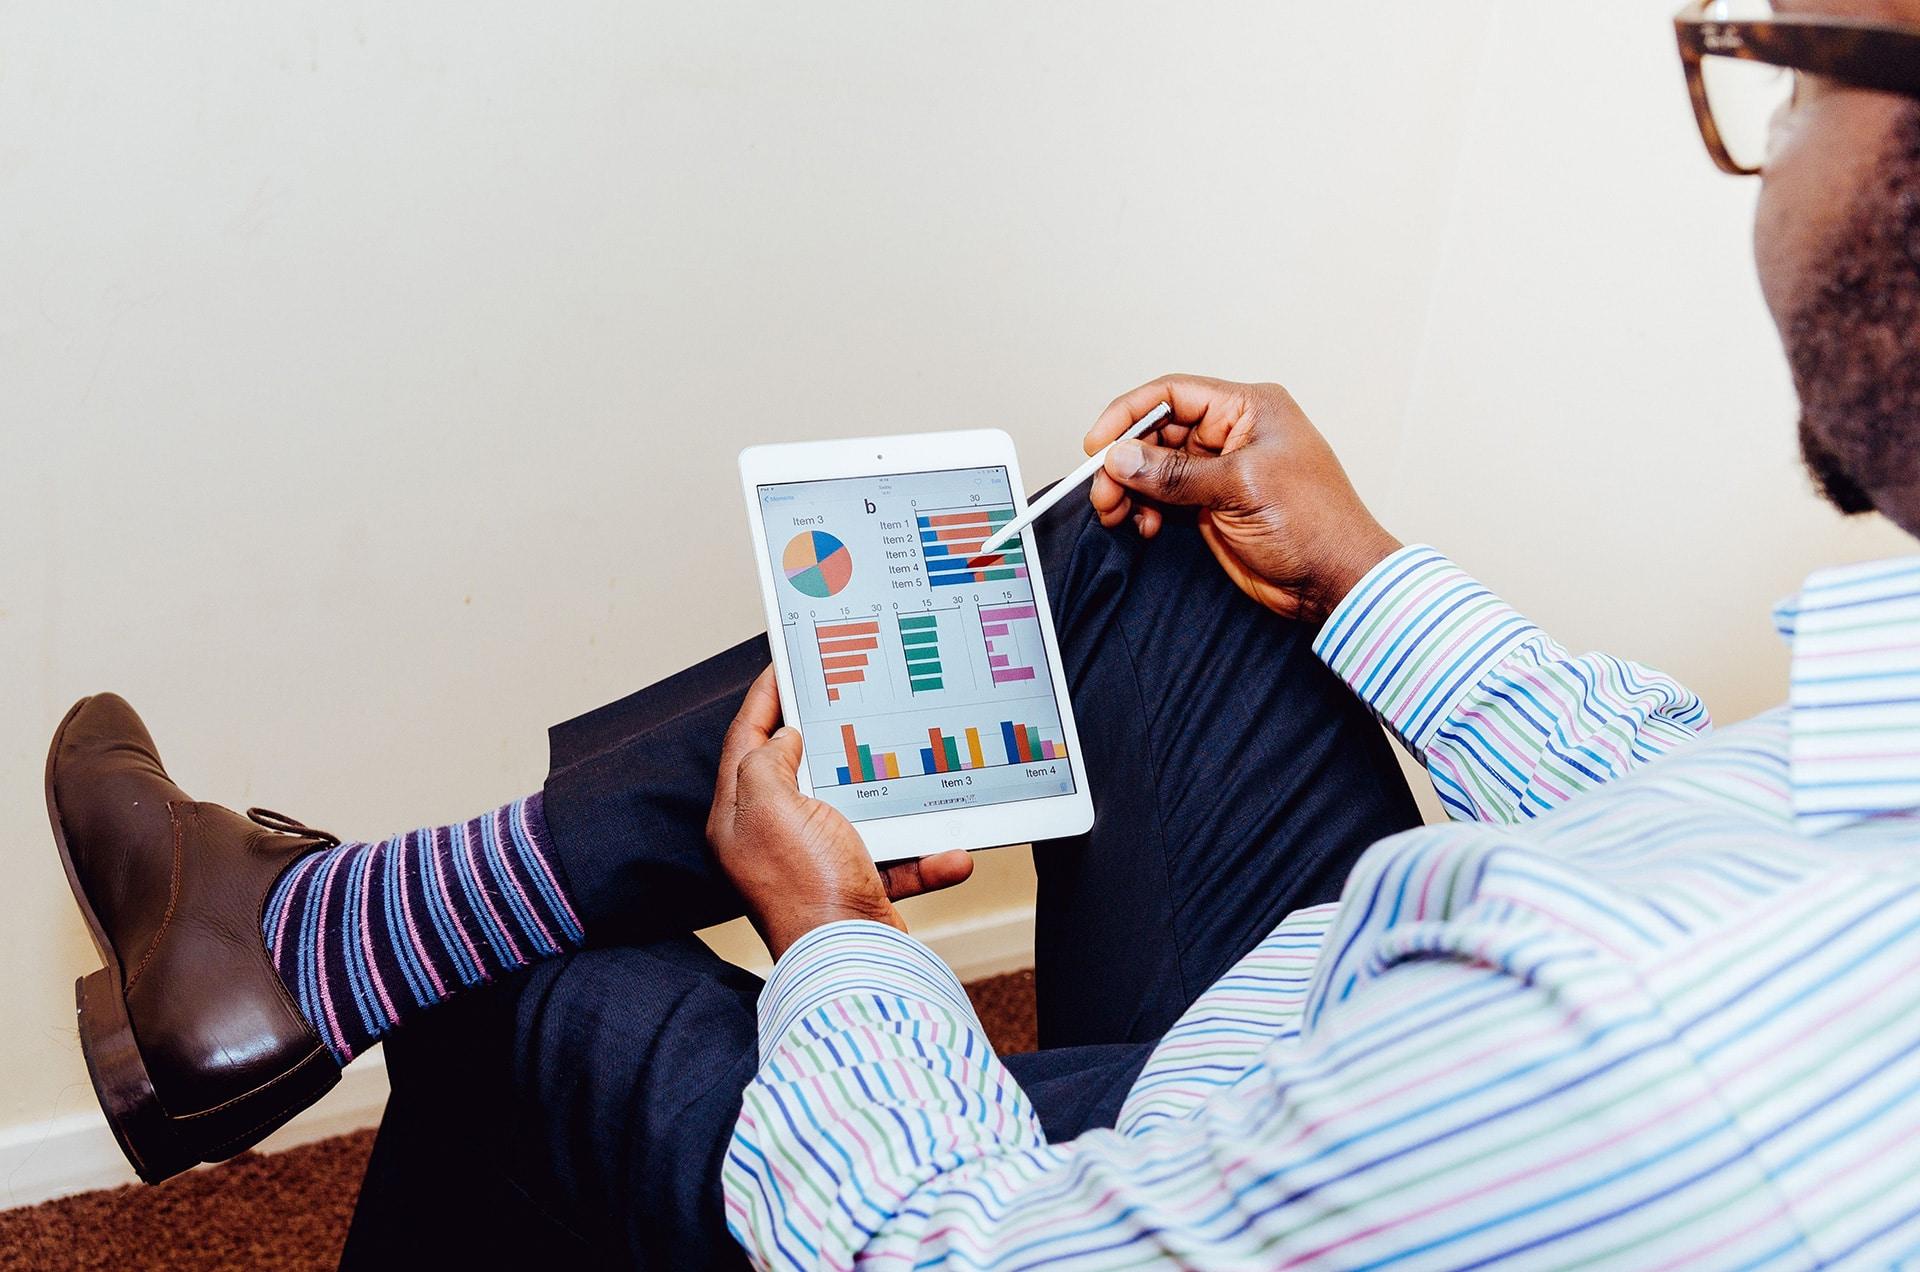 Como criar anúncios no Facebook de maneira eficiente 2 - Agência de marketing digital para pequenas empresas